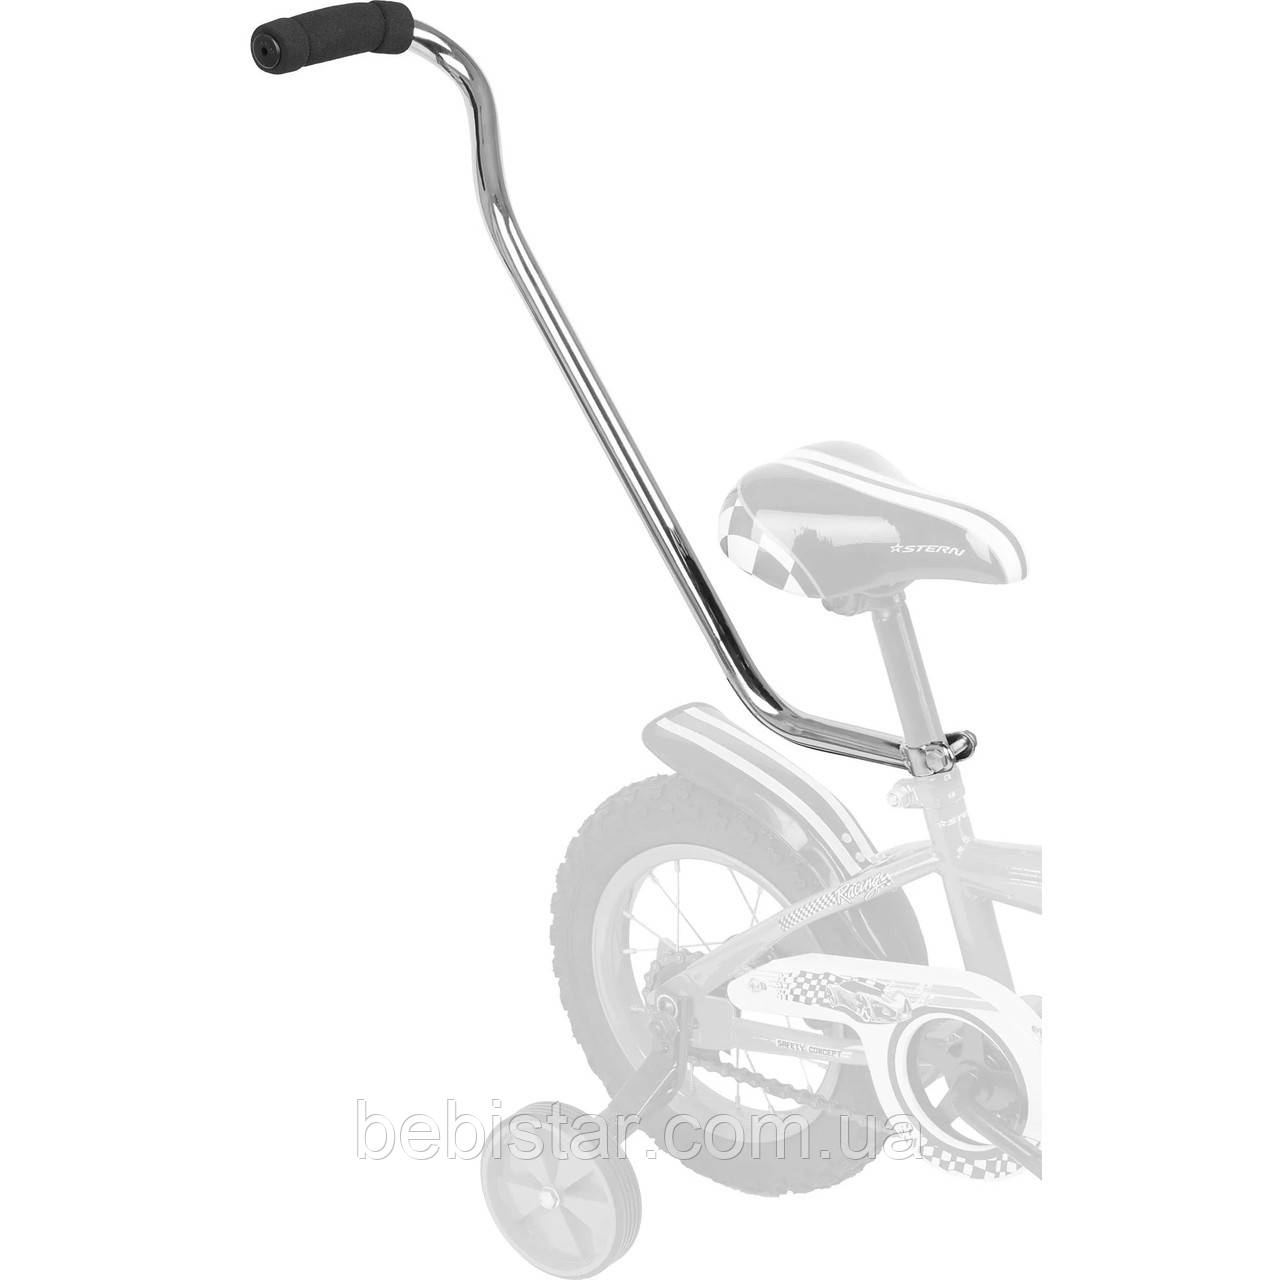 Родительская ручка, толкатель для детского двухколесного велосипеда длина 600мм